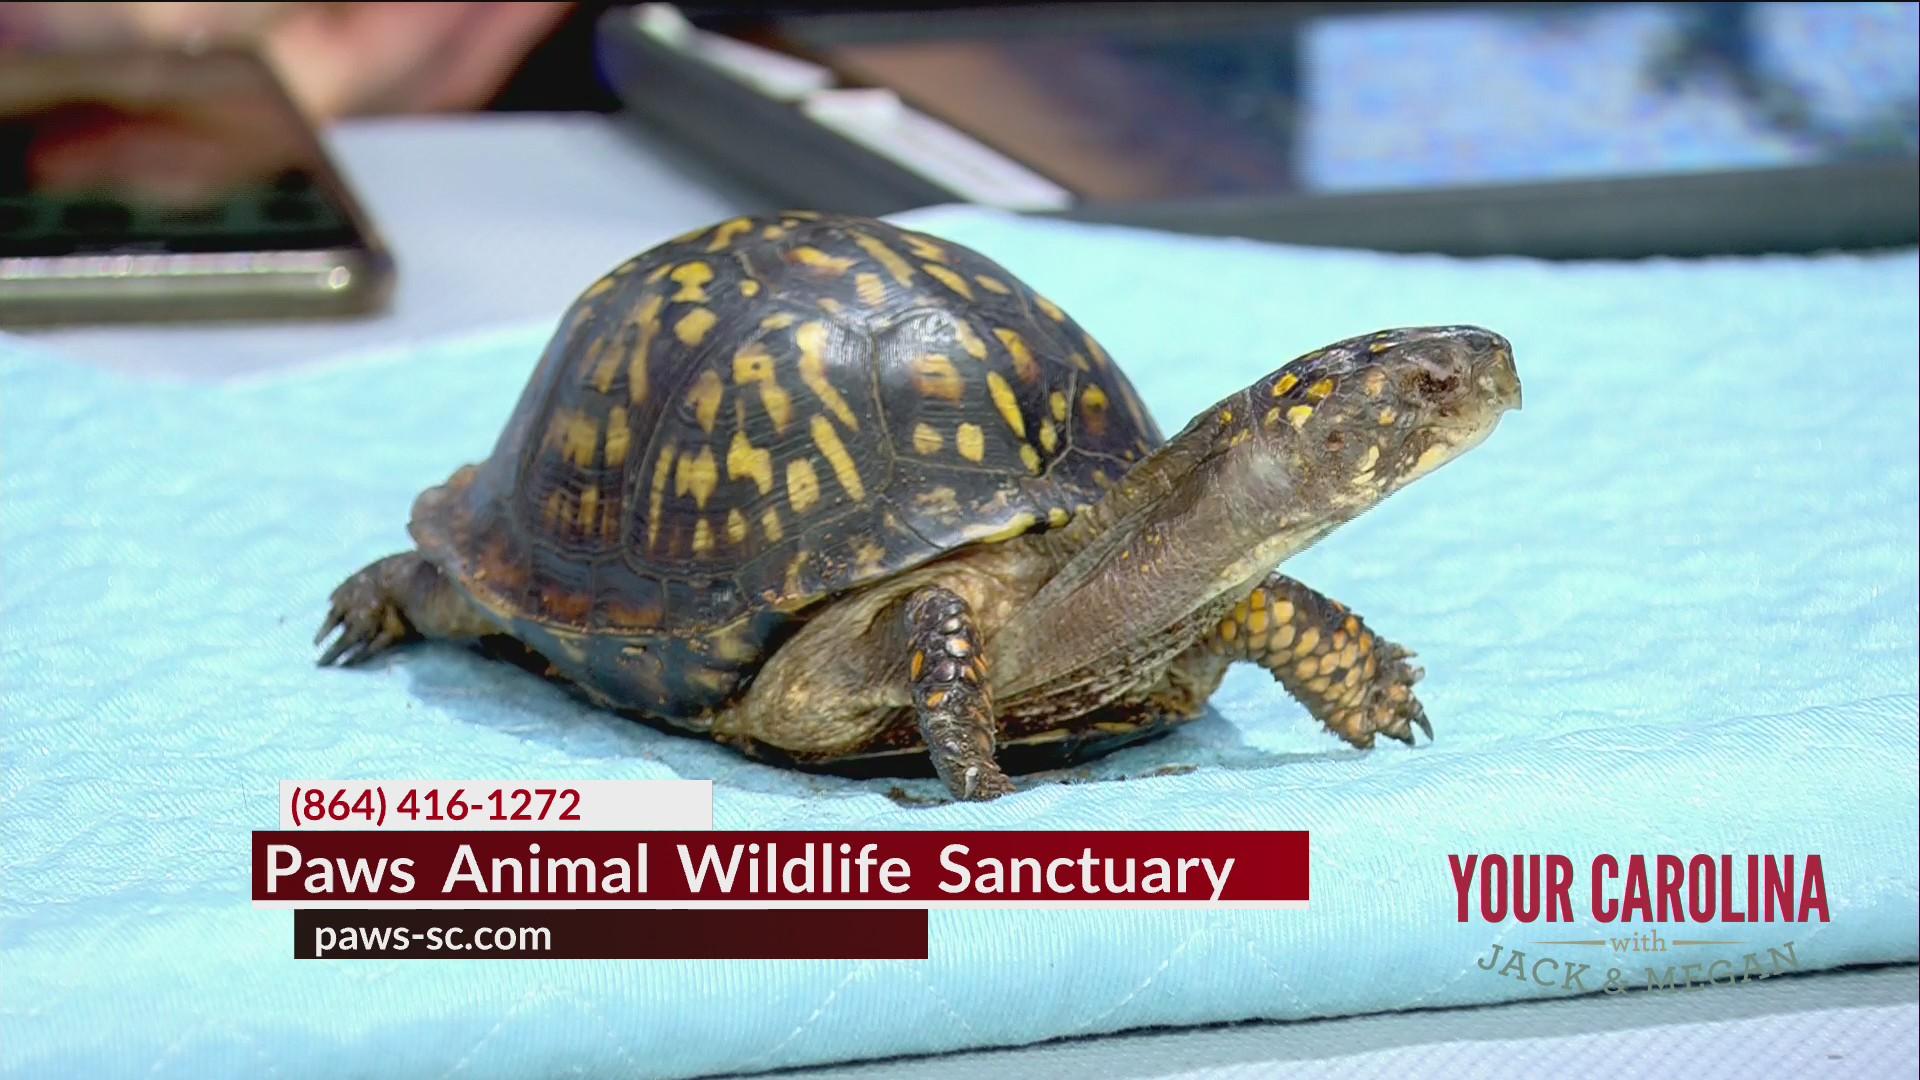 Paws Animal Wildlife Sanctuary